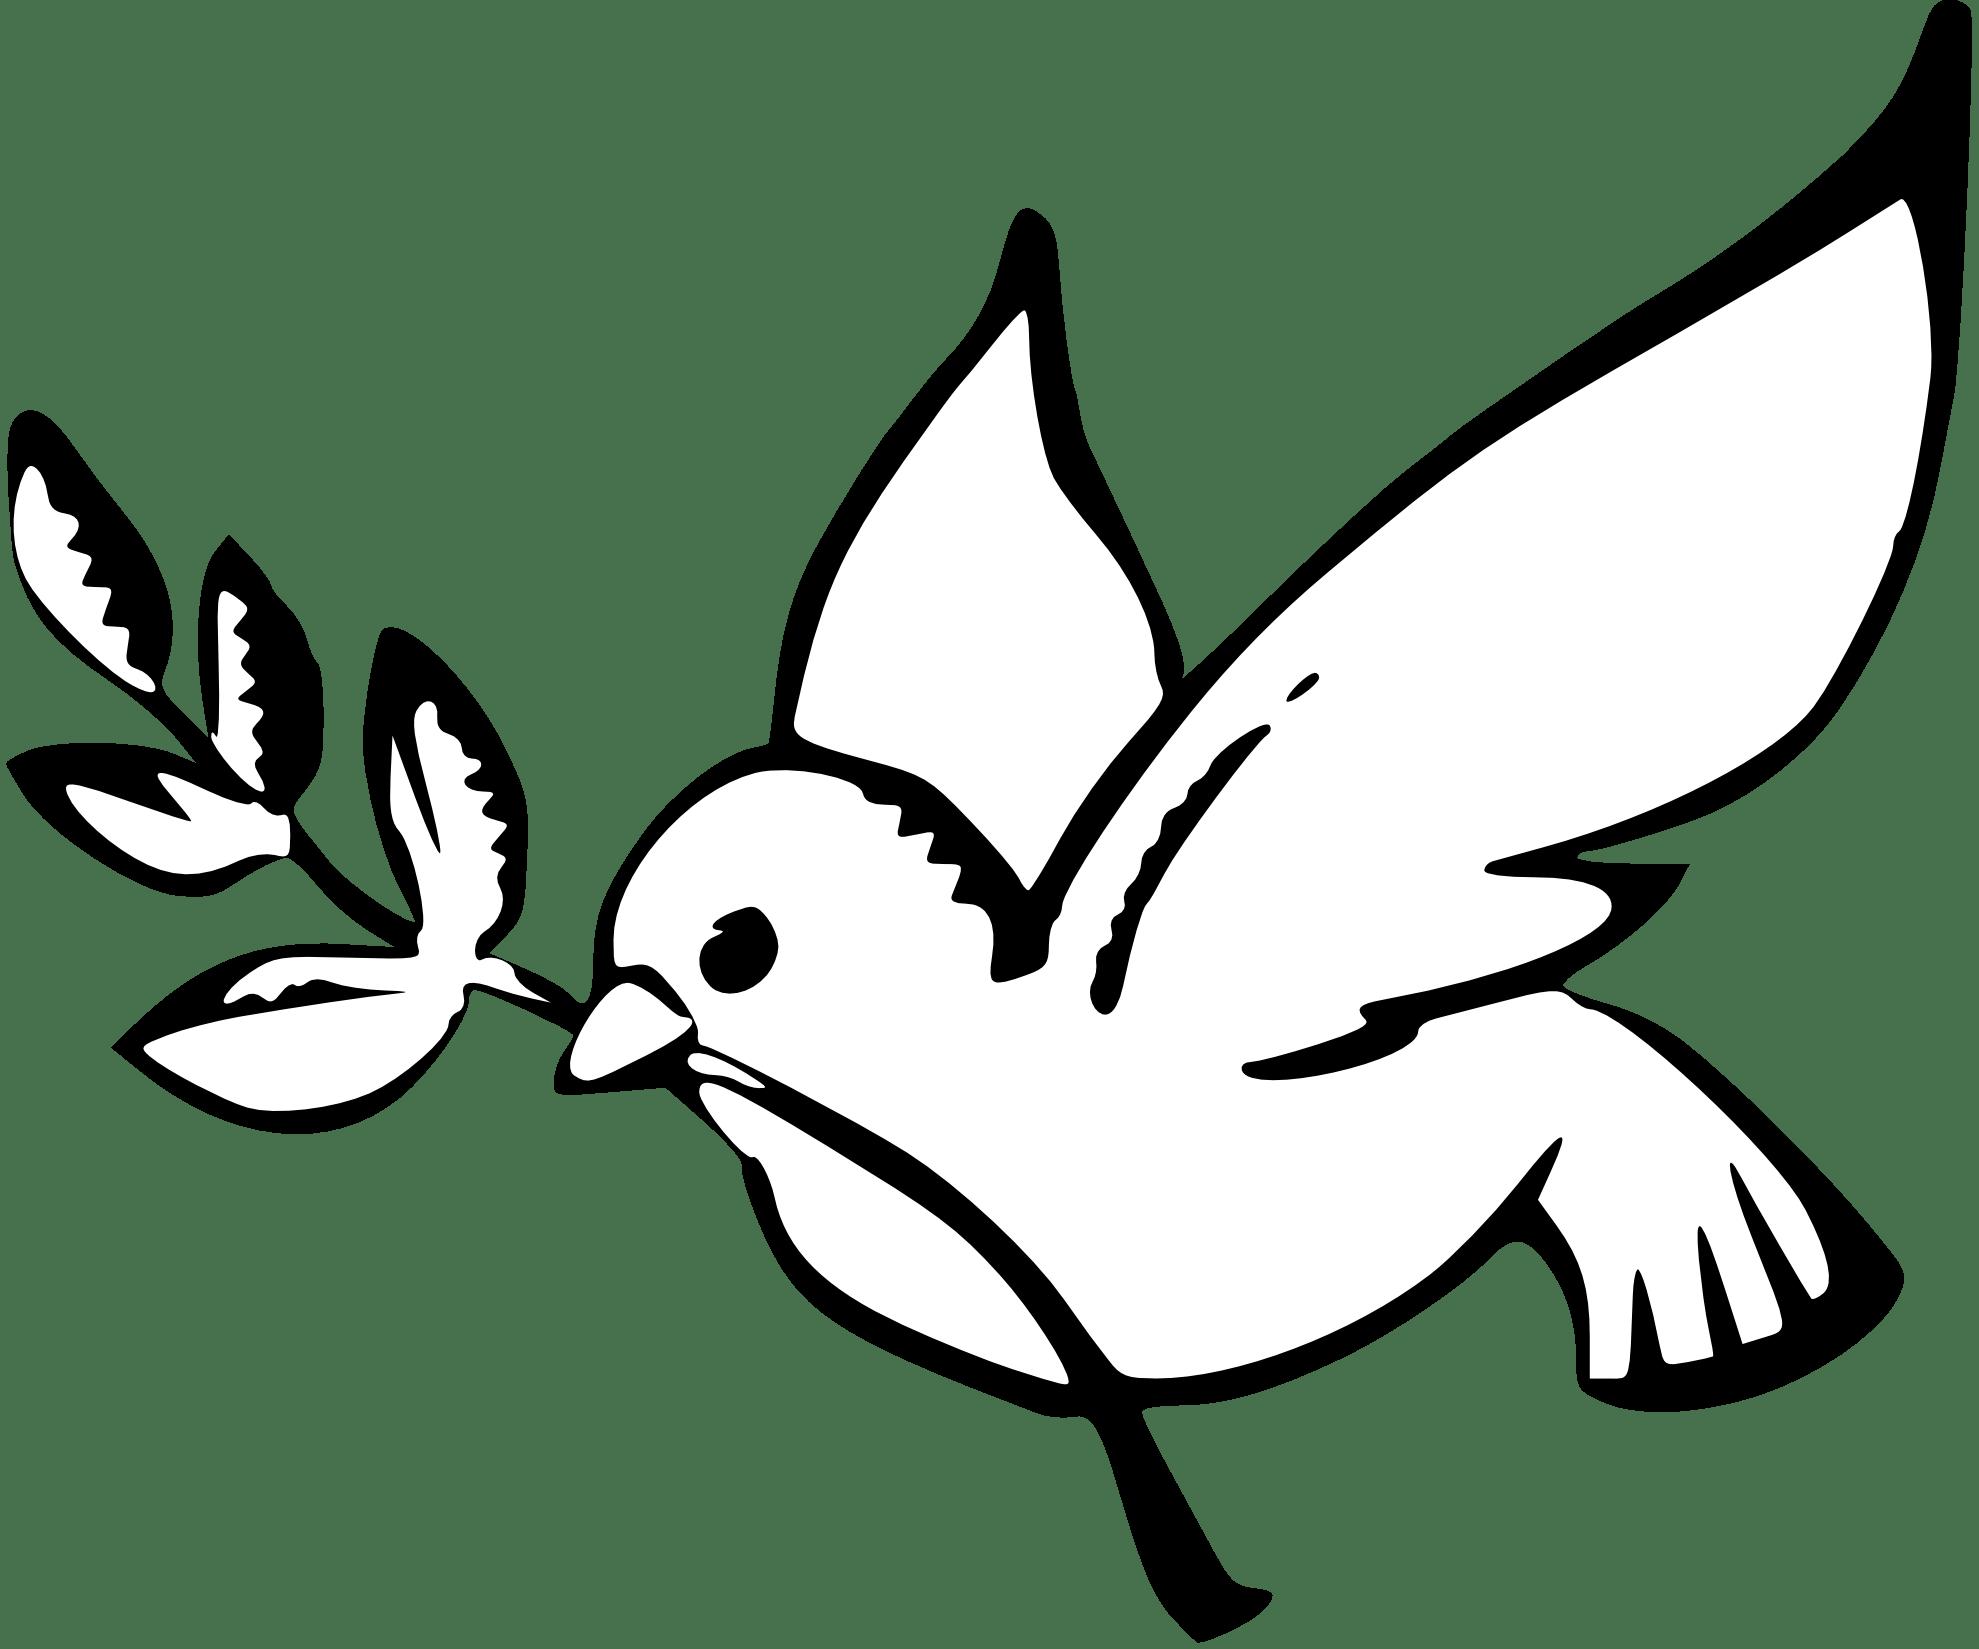 Paloma símbolo de la Paz PNG transparente.